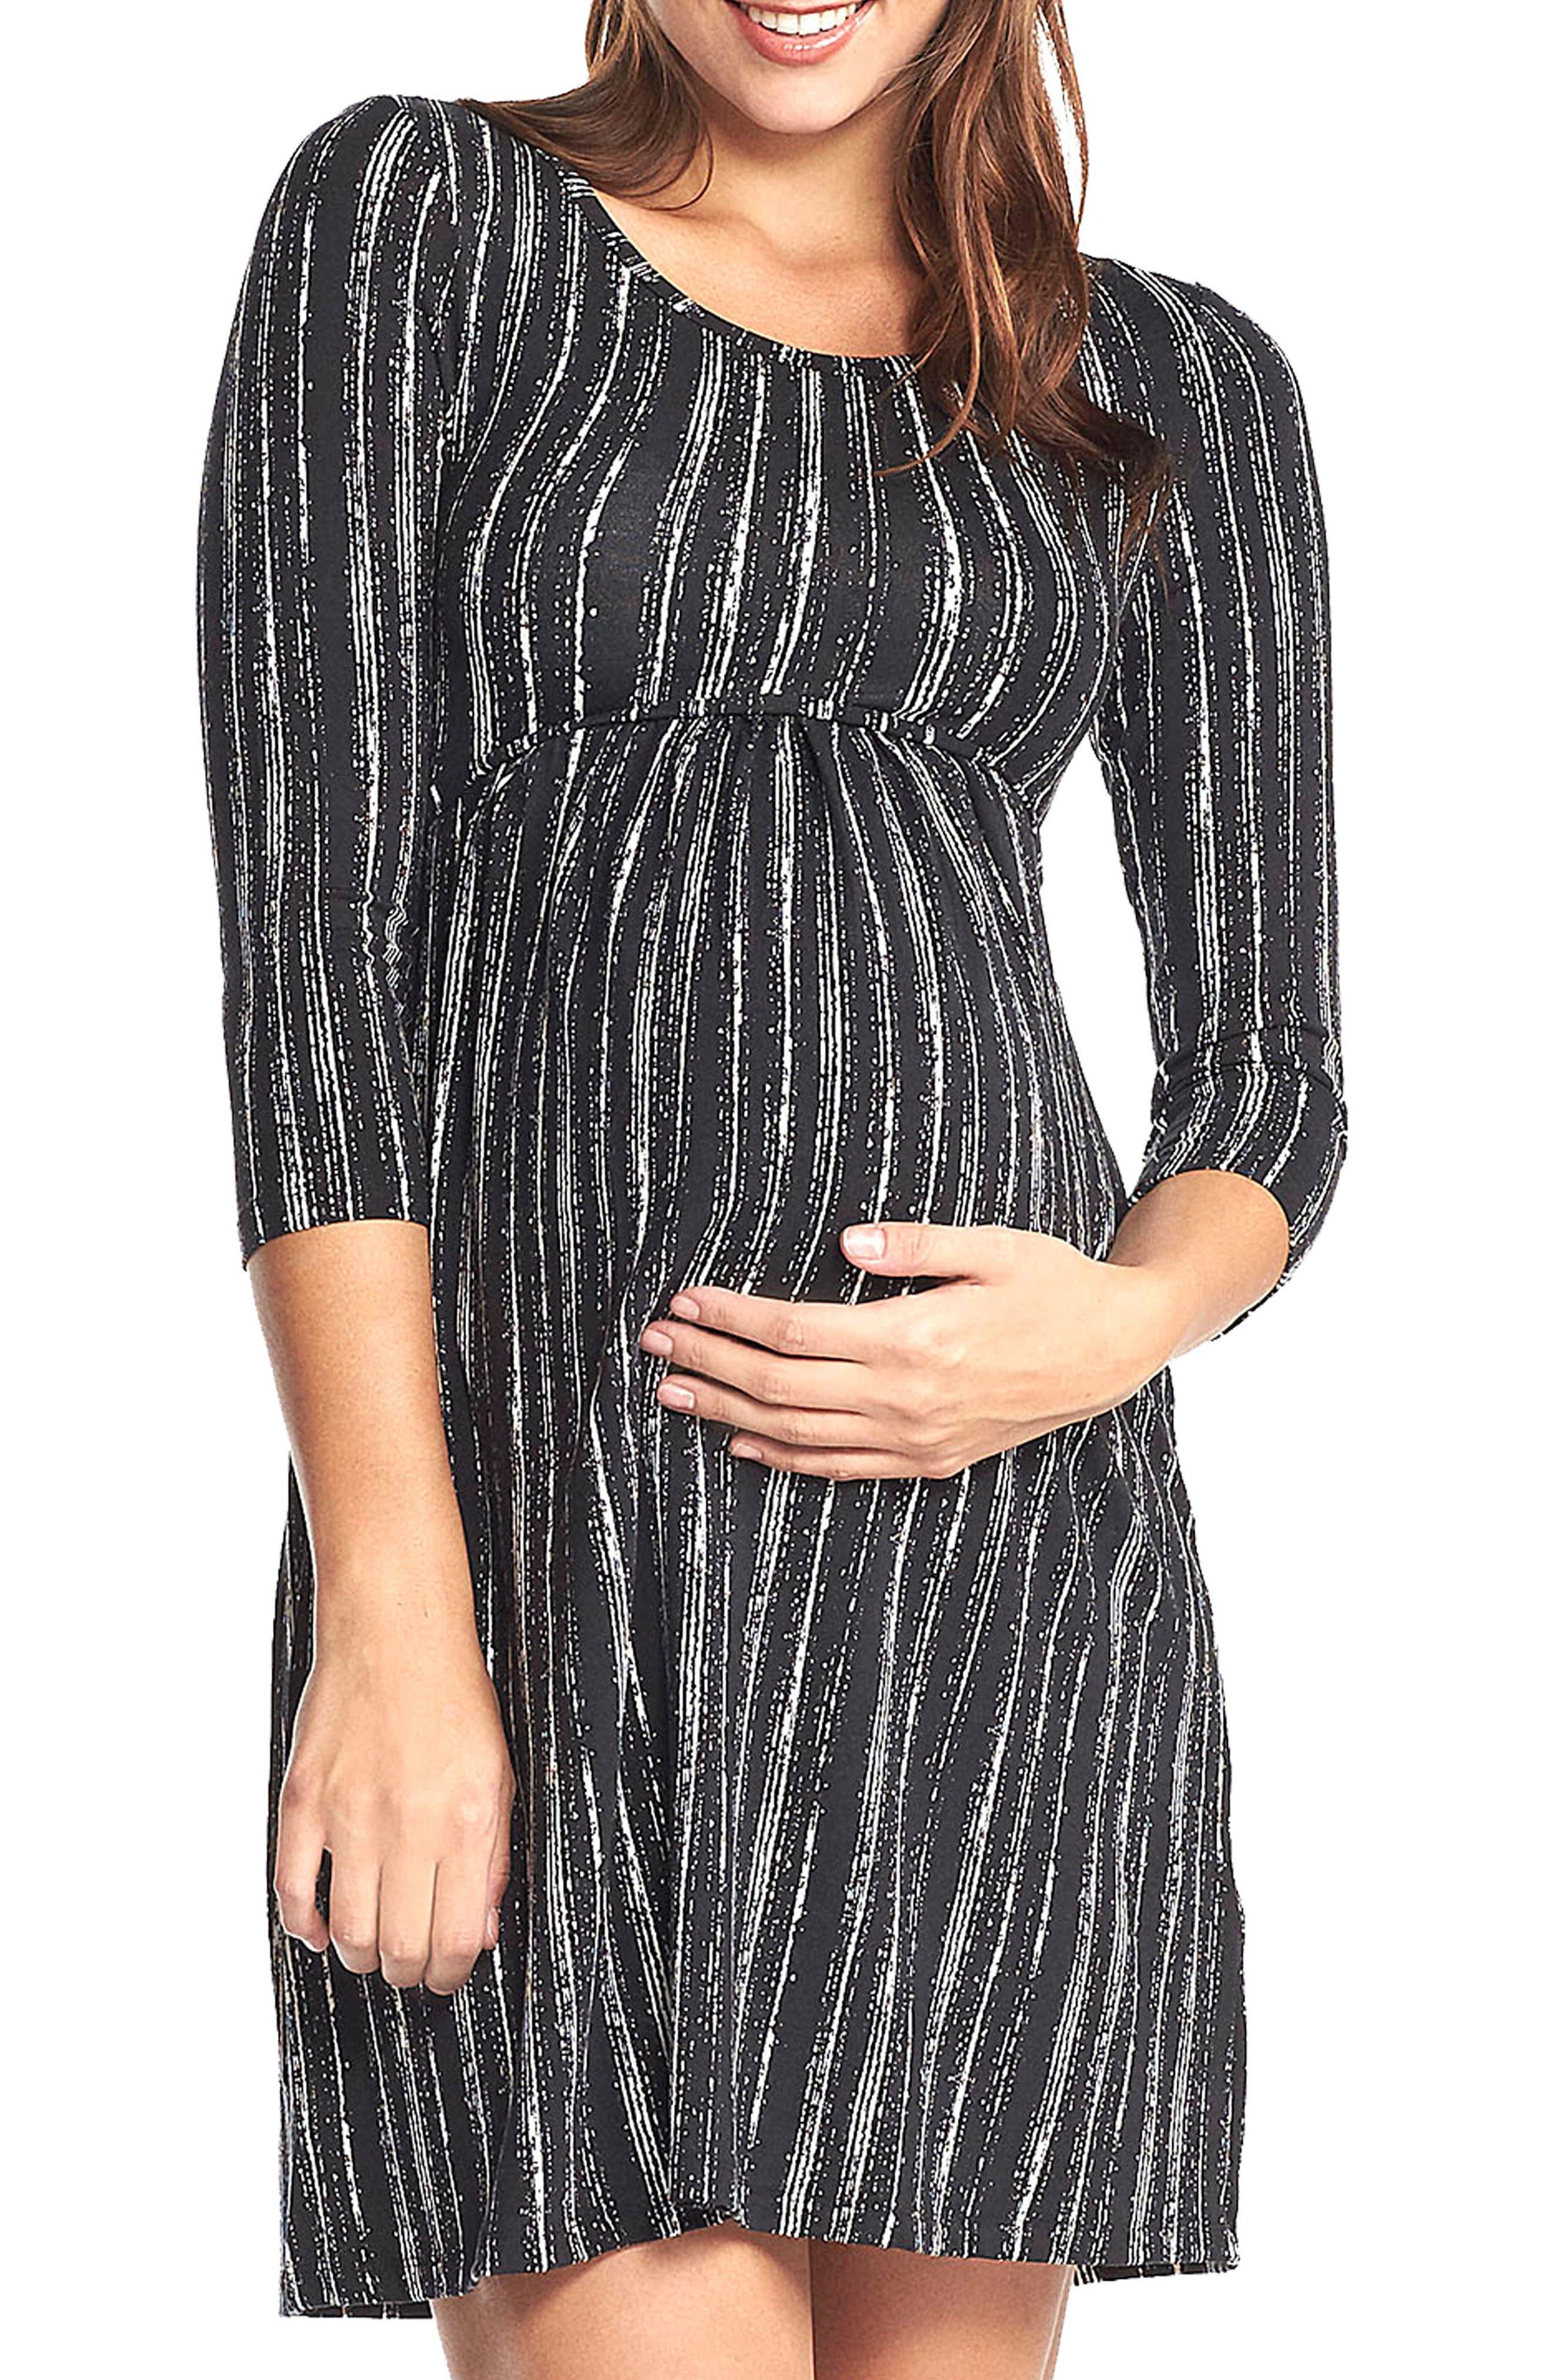 'Mathilde' Elbow Sleeve Maternity Dress,                             Alternate thumbnail 2, color,                             DRY BRUSH STRIPE